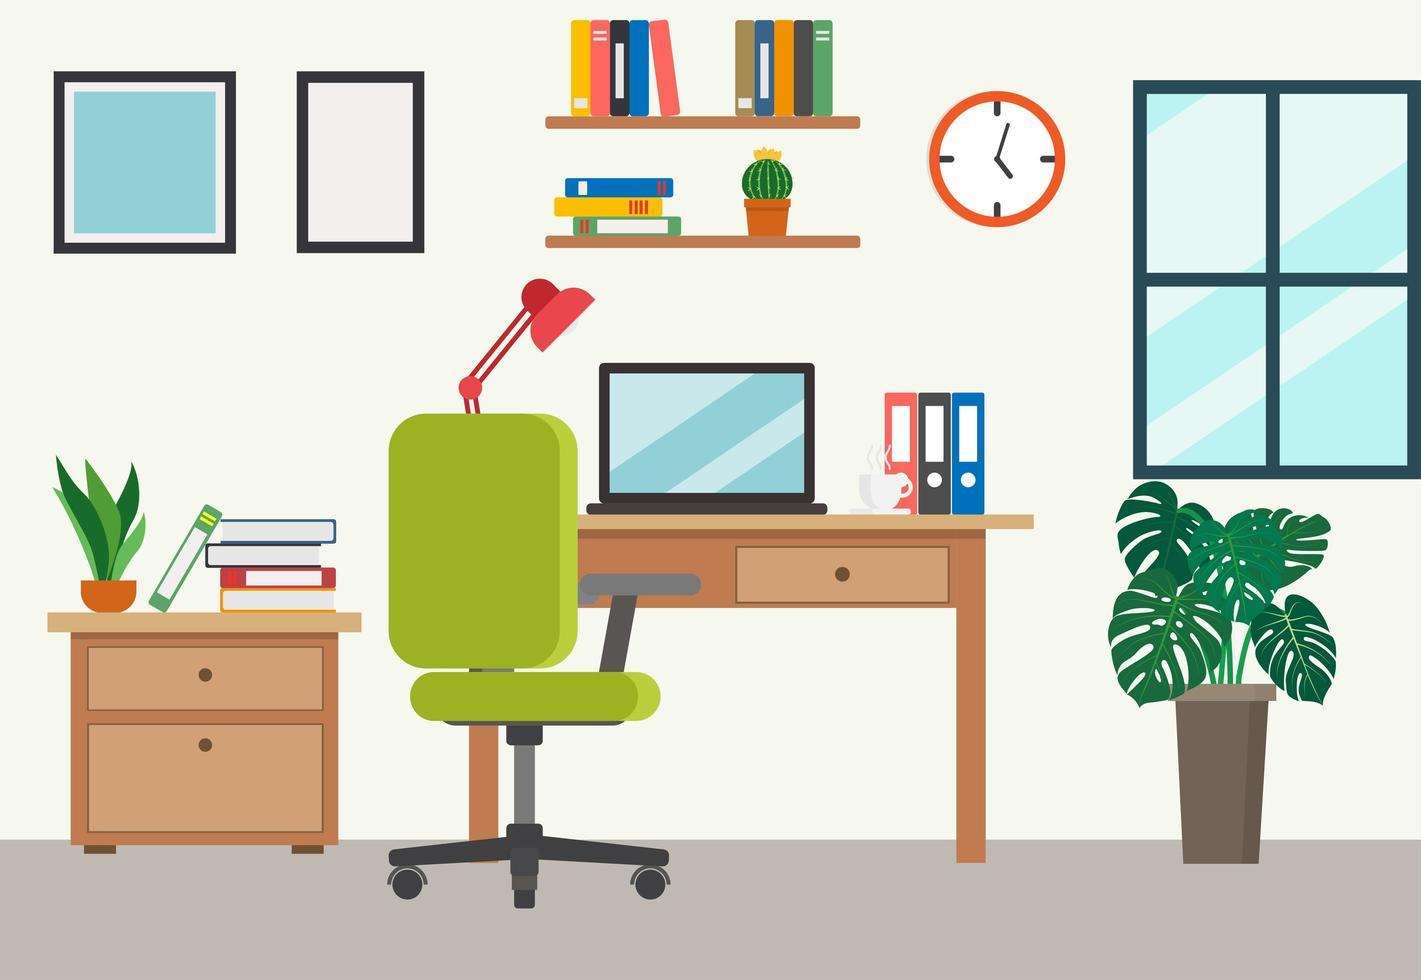 oficina en casa de estilo plano de dibujos animados - Descargar Vectores  Gratis, Illustrator Graficos, Plantillas Diseño